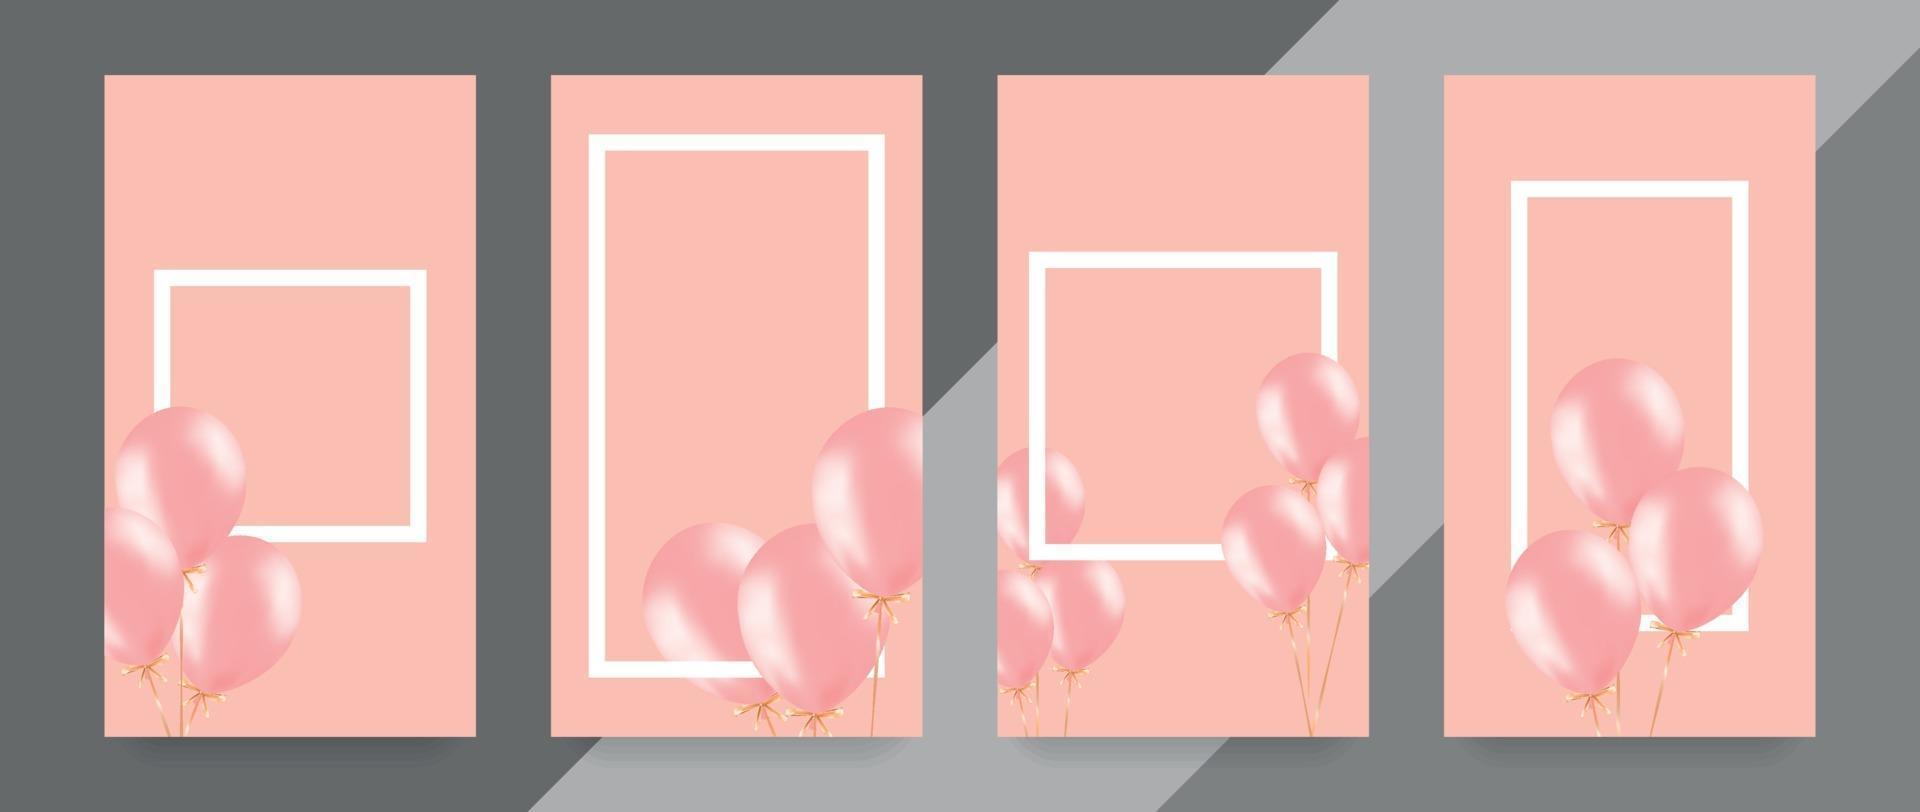 feestelijke banner met roze helium ballonnen. kadersamenstelling met ruimte voor uw tekst. handig voor aankondiging, poster, flyer, wenskaart vector